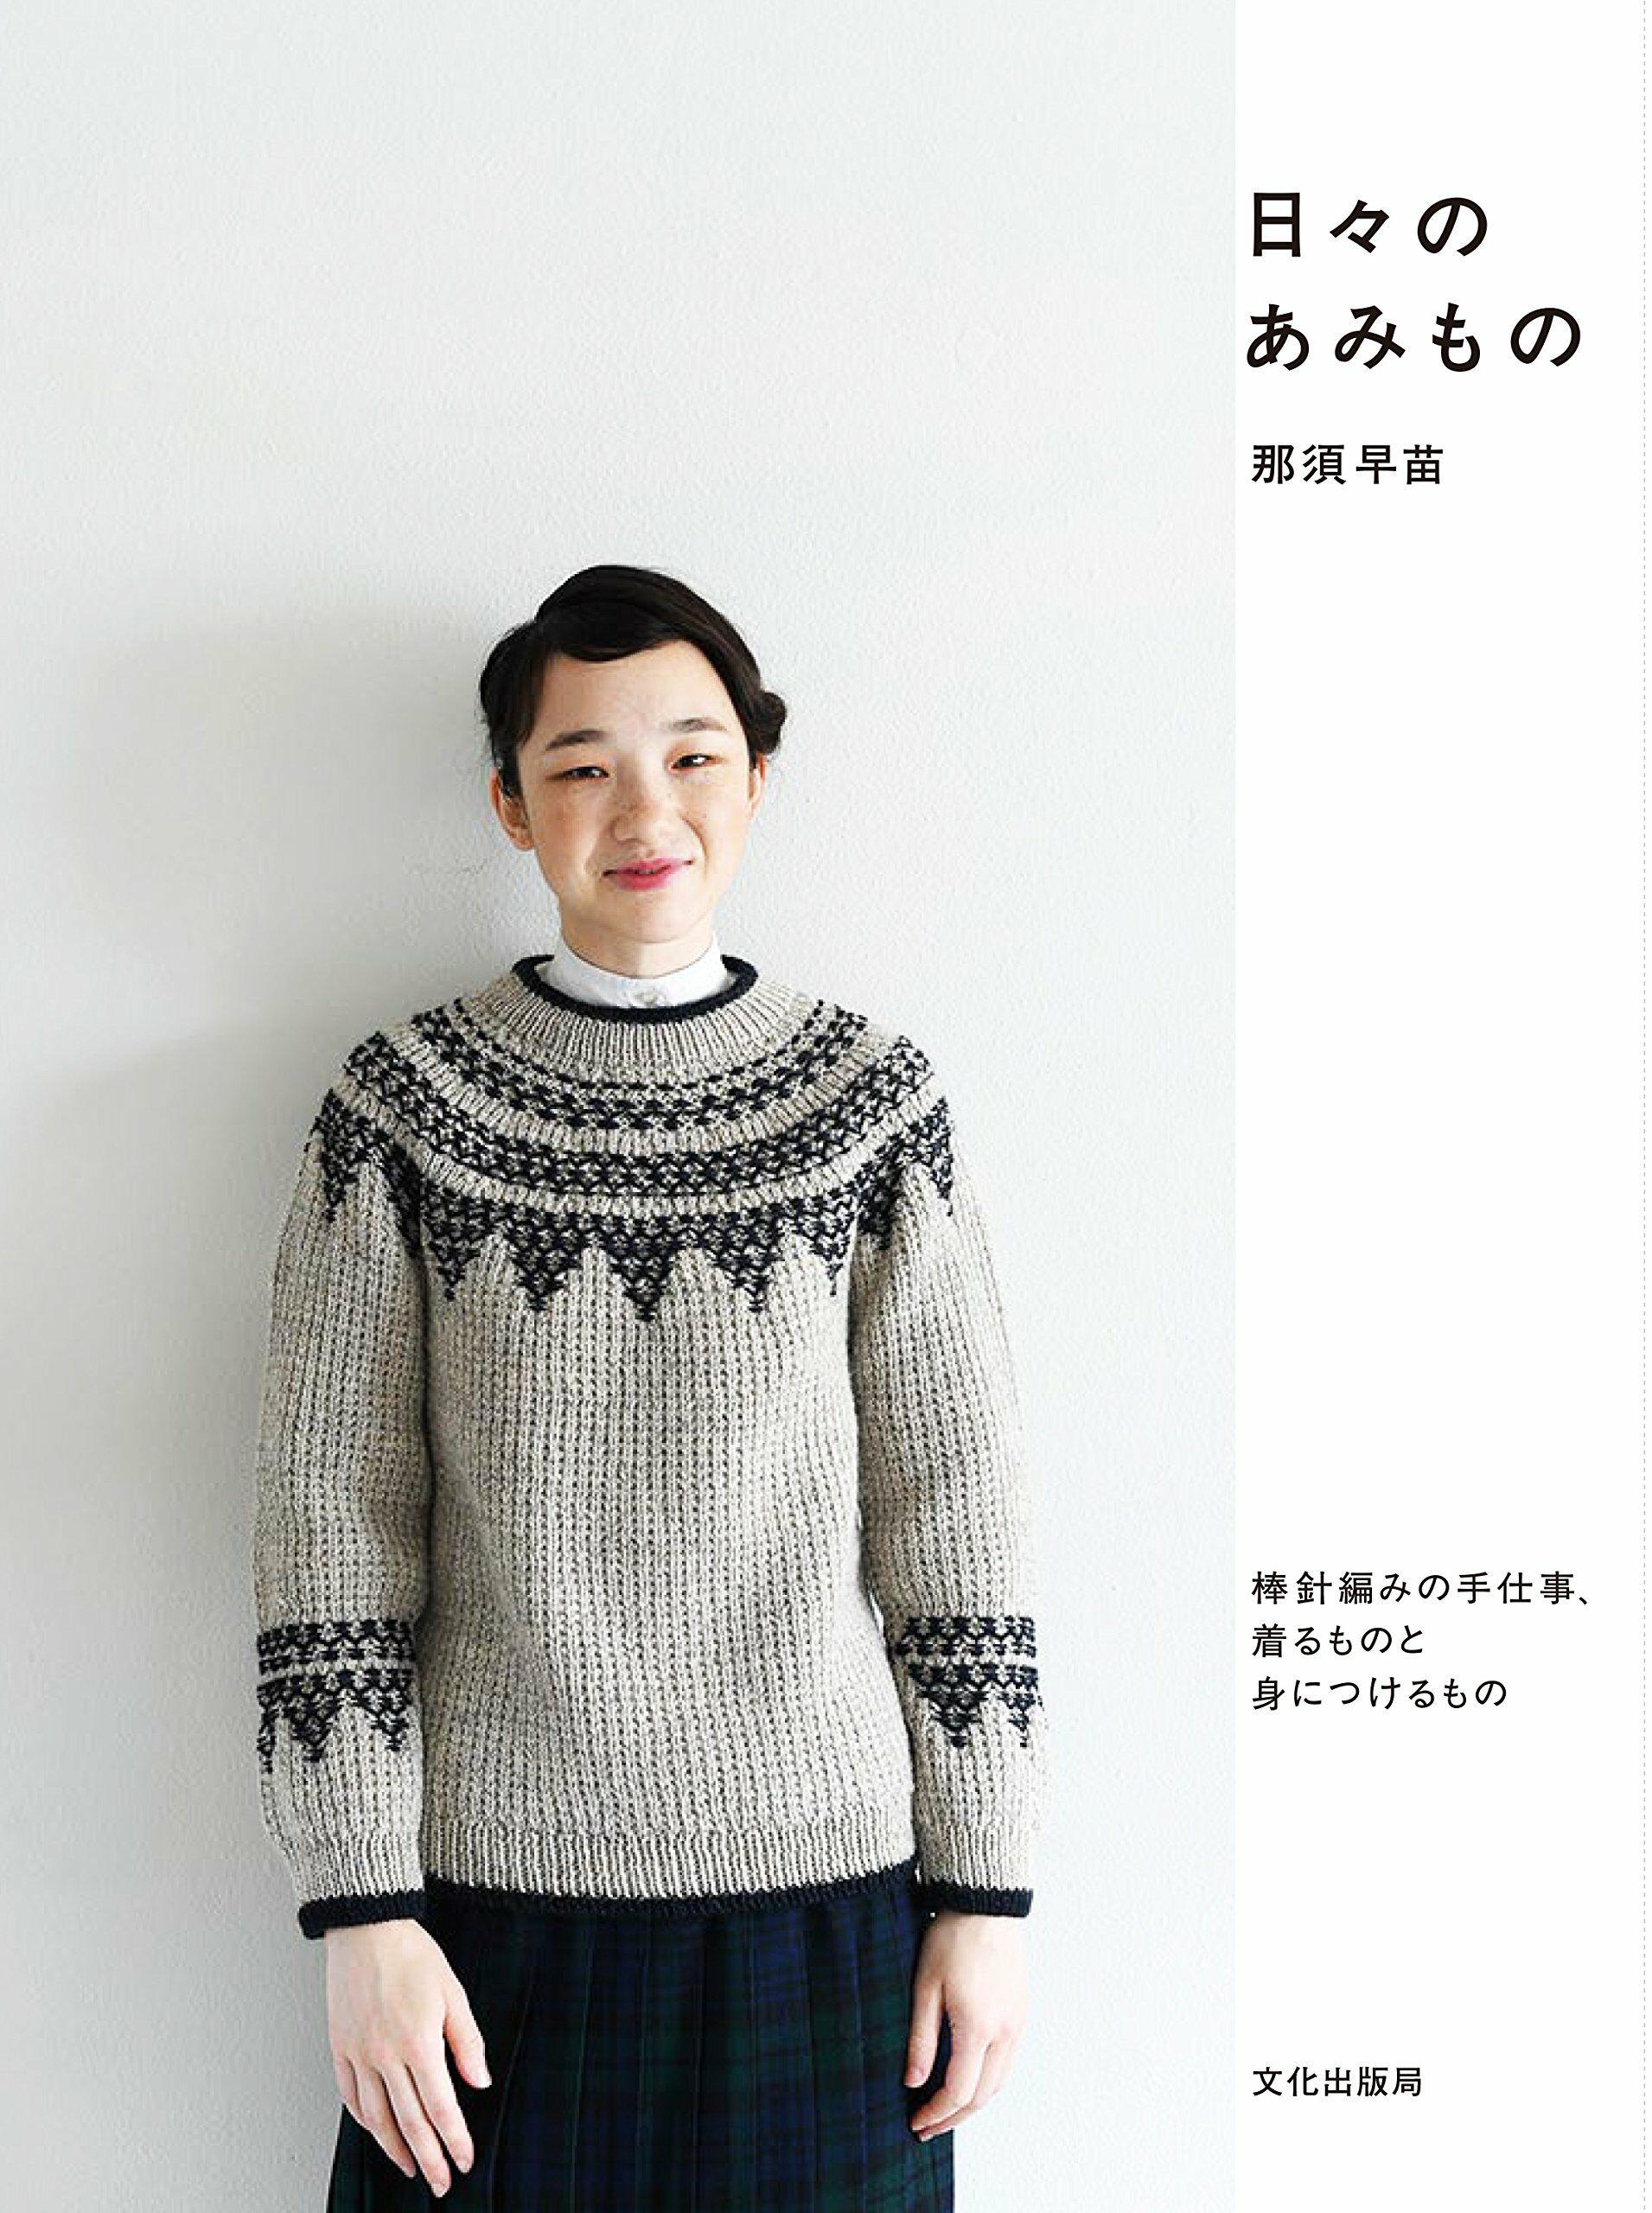 日-のあみもの 棒針編みの手仕事、着るものと身につけるもの (單行本(ソフトカバ-))